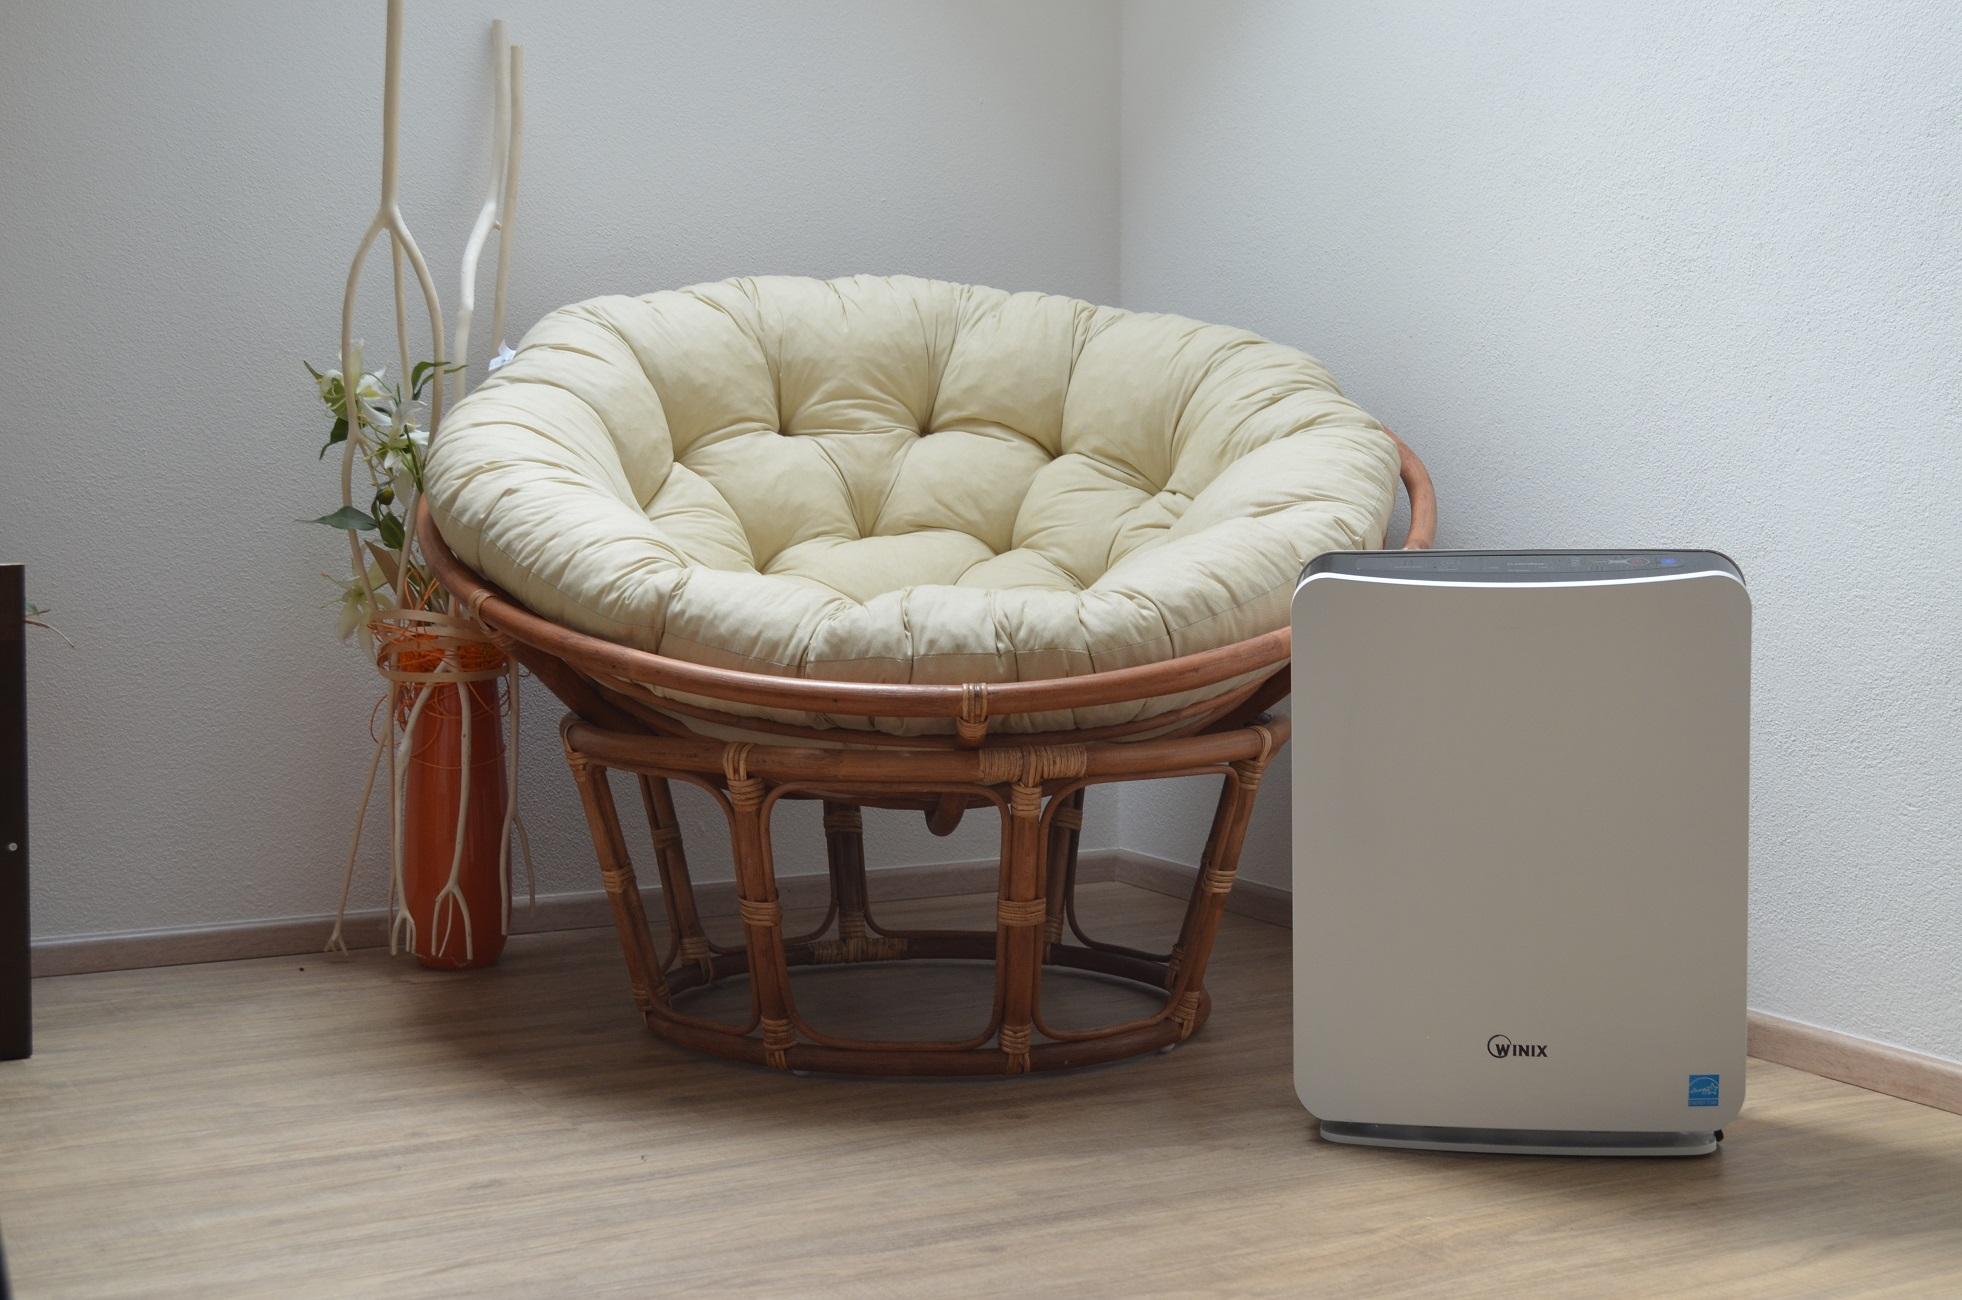 Winix U450 oczyszczacz powietrza